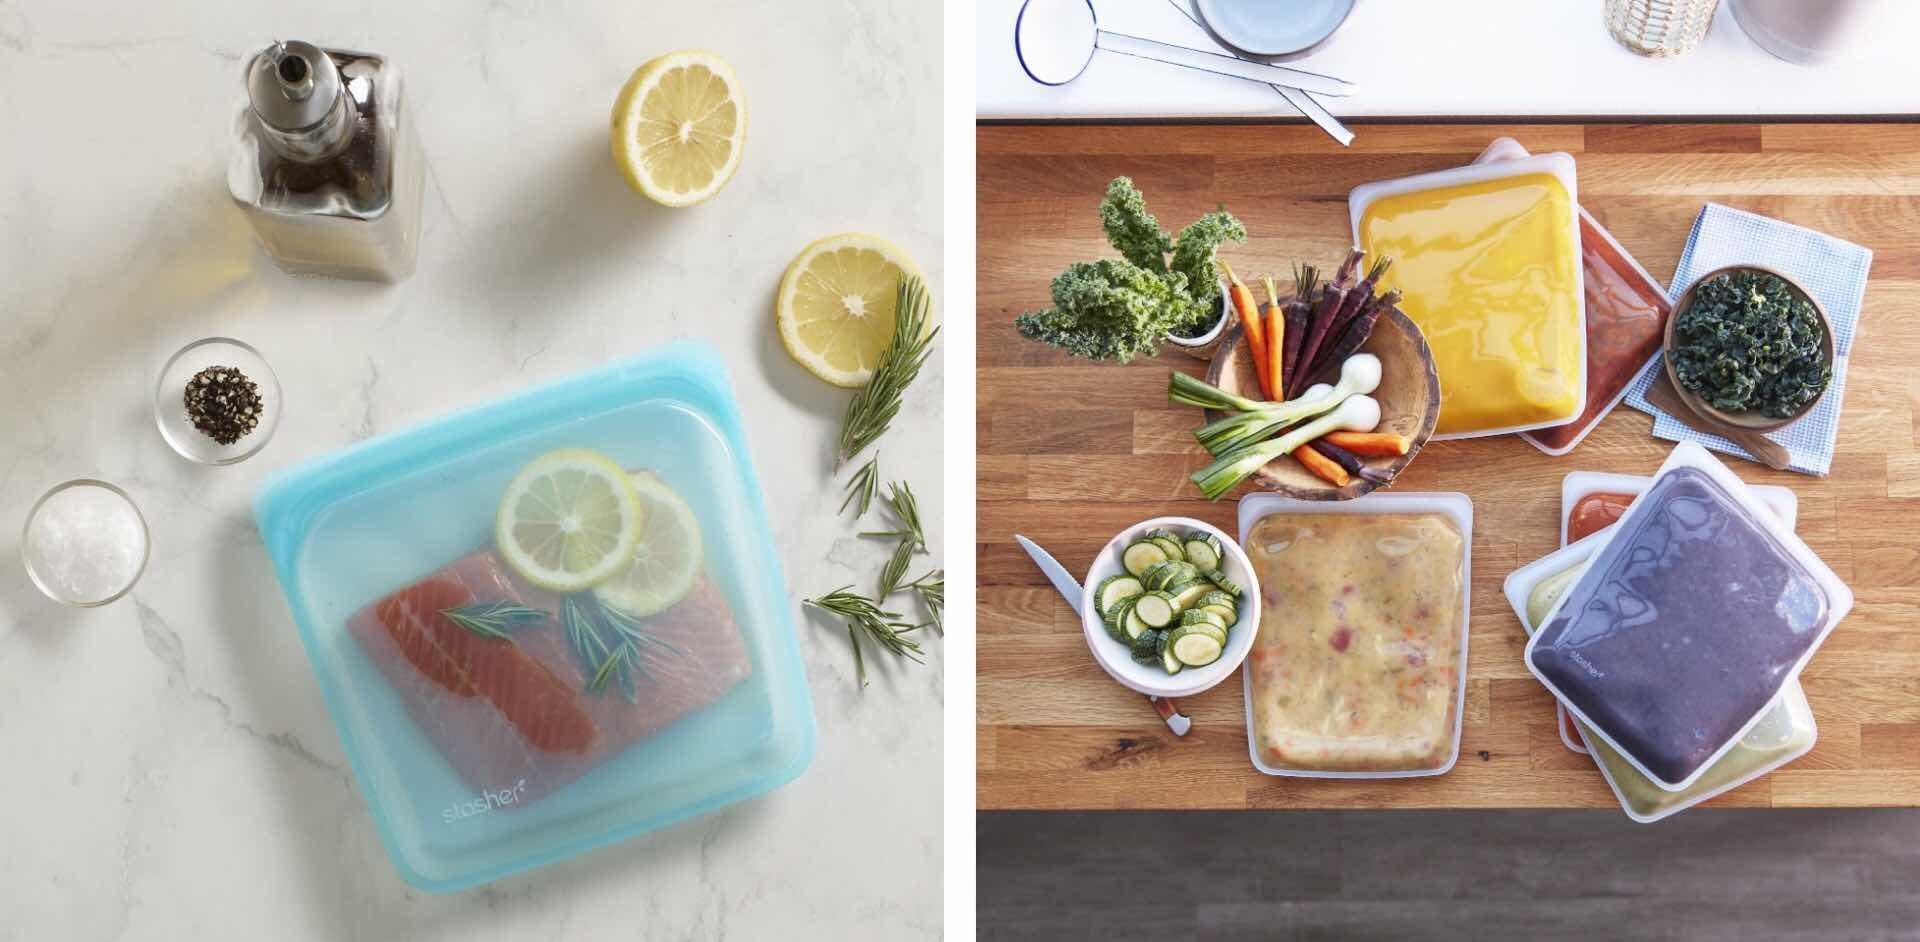 stasher-reusable-silicone-food-bags-2